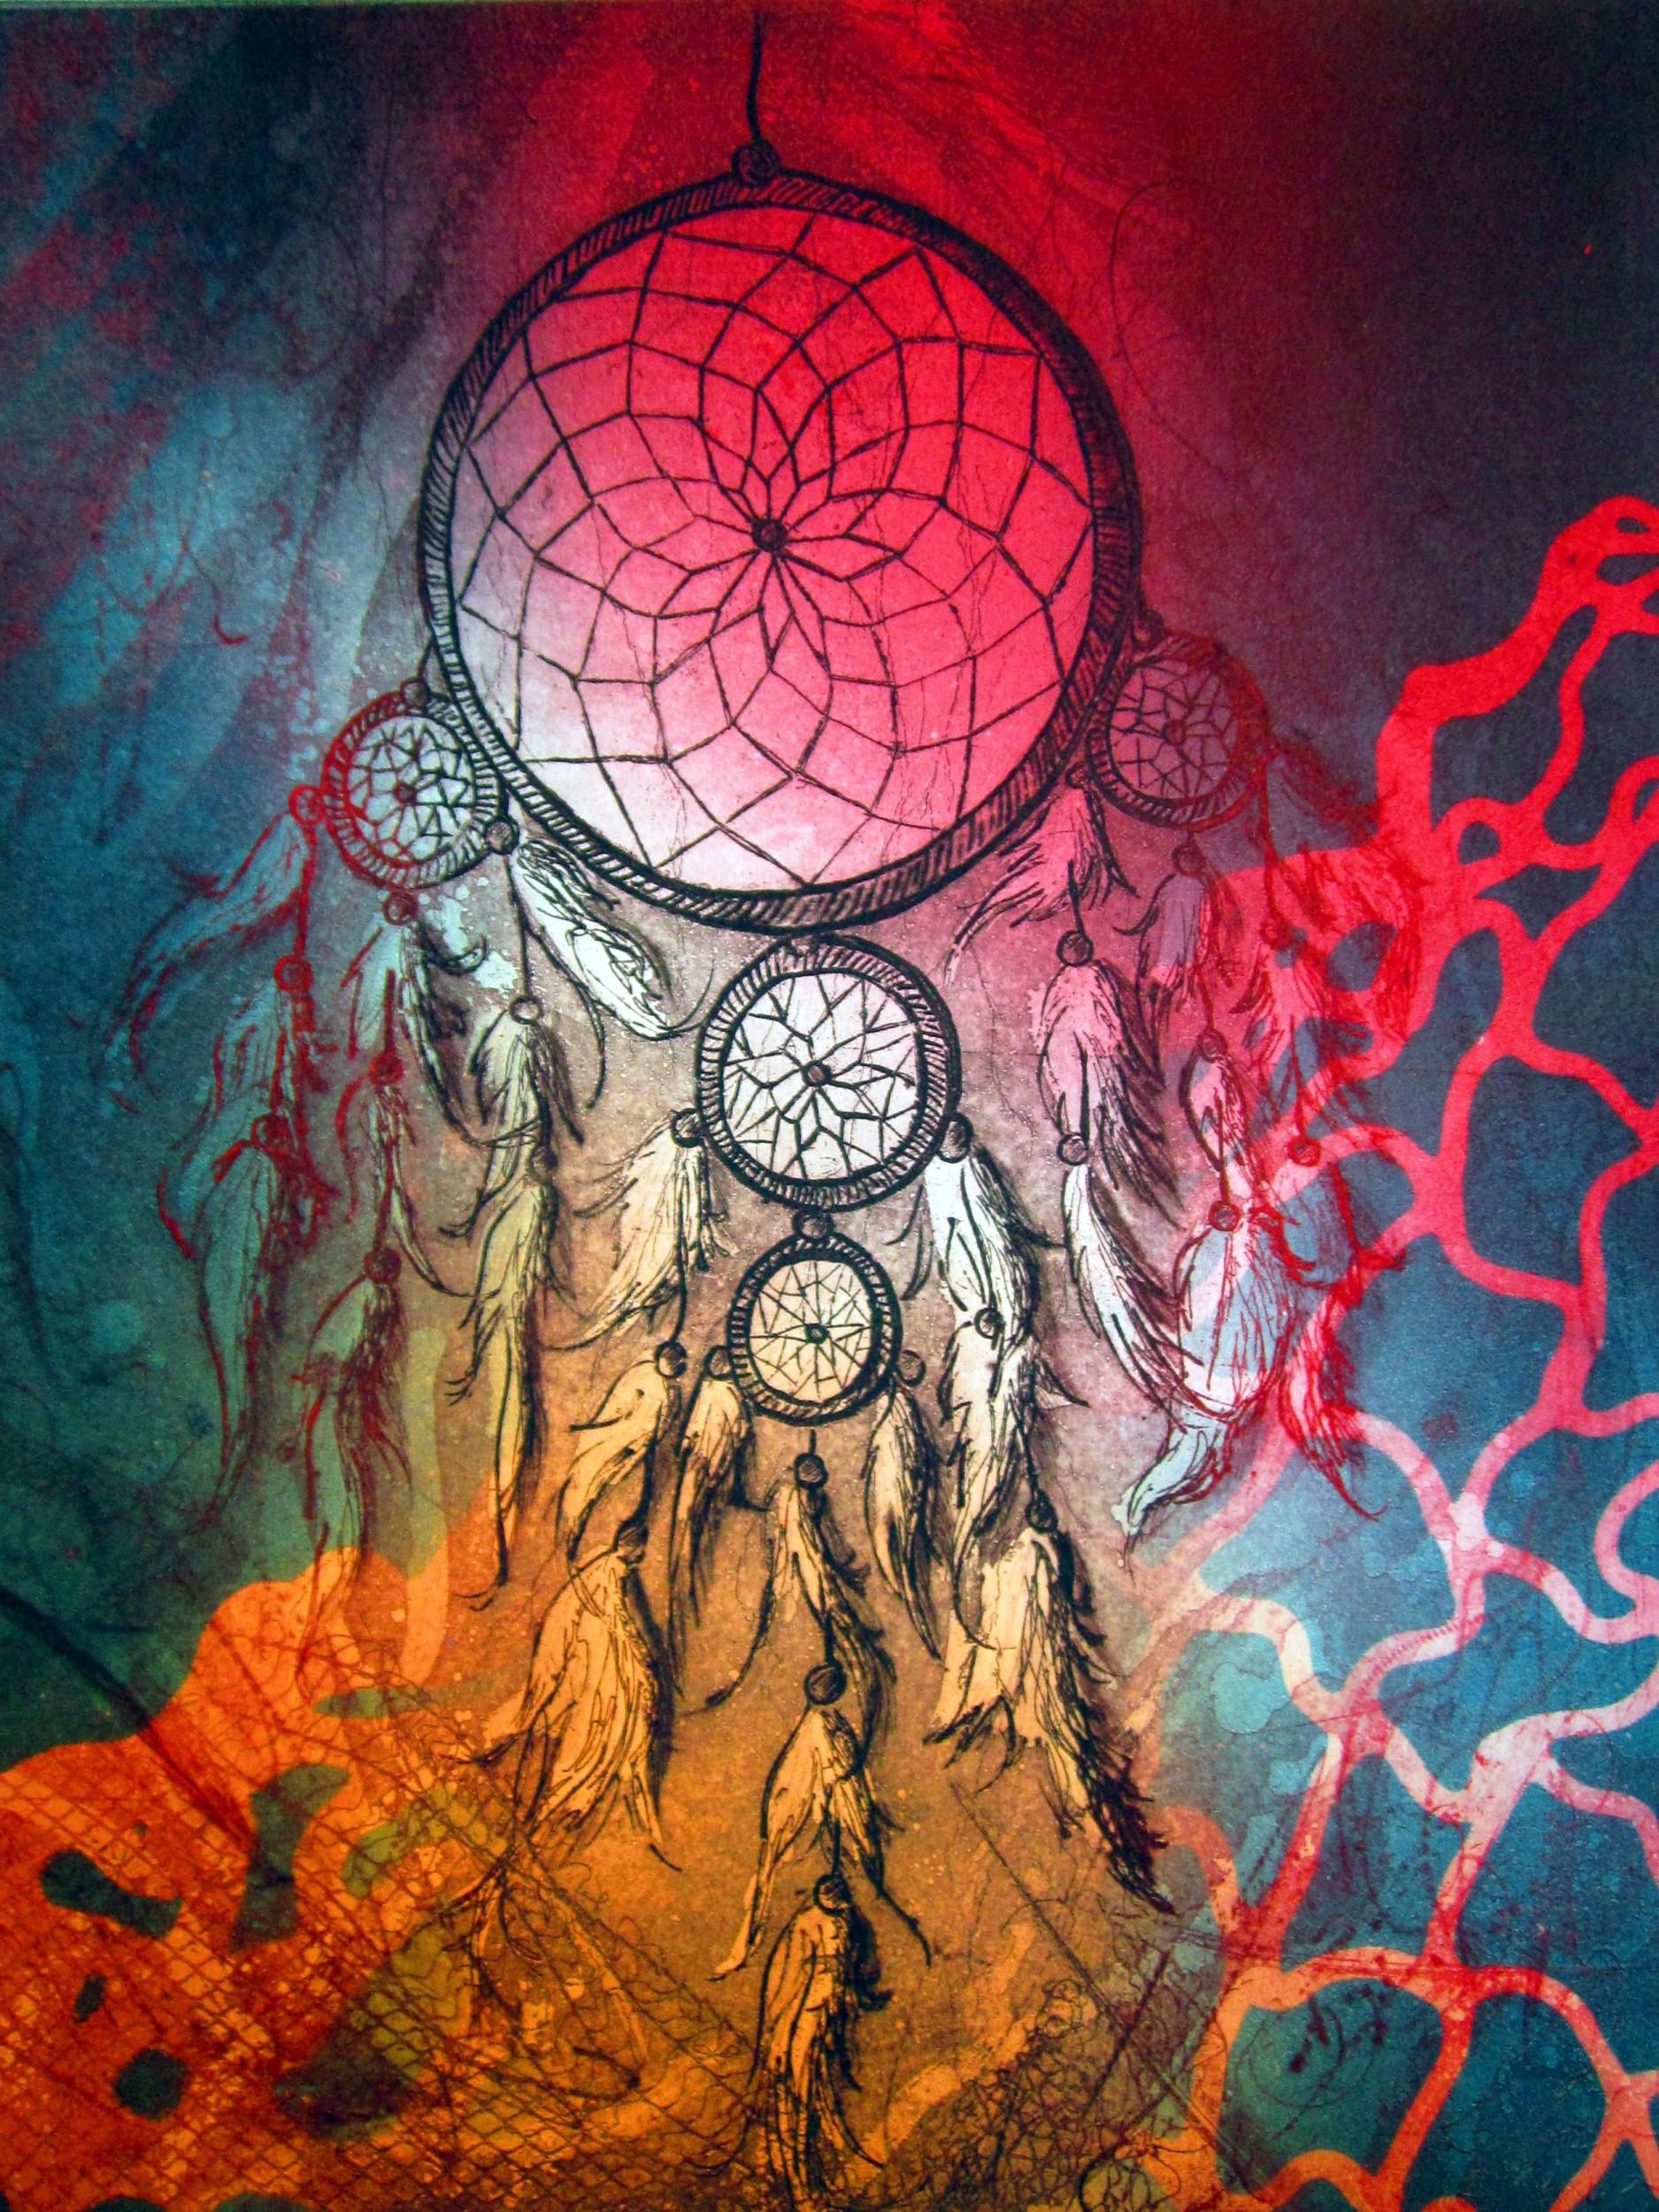 Dreamcatcher Arianna Angelini Artwork Celeste Network